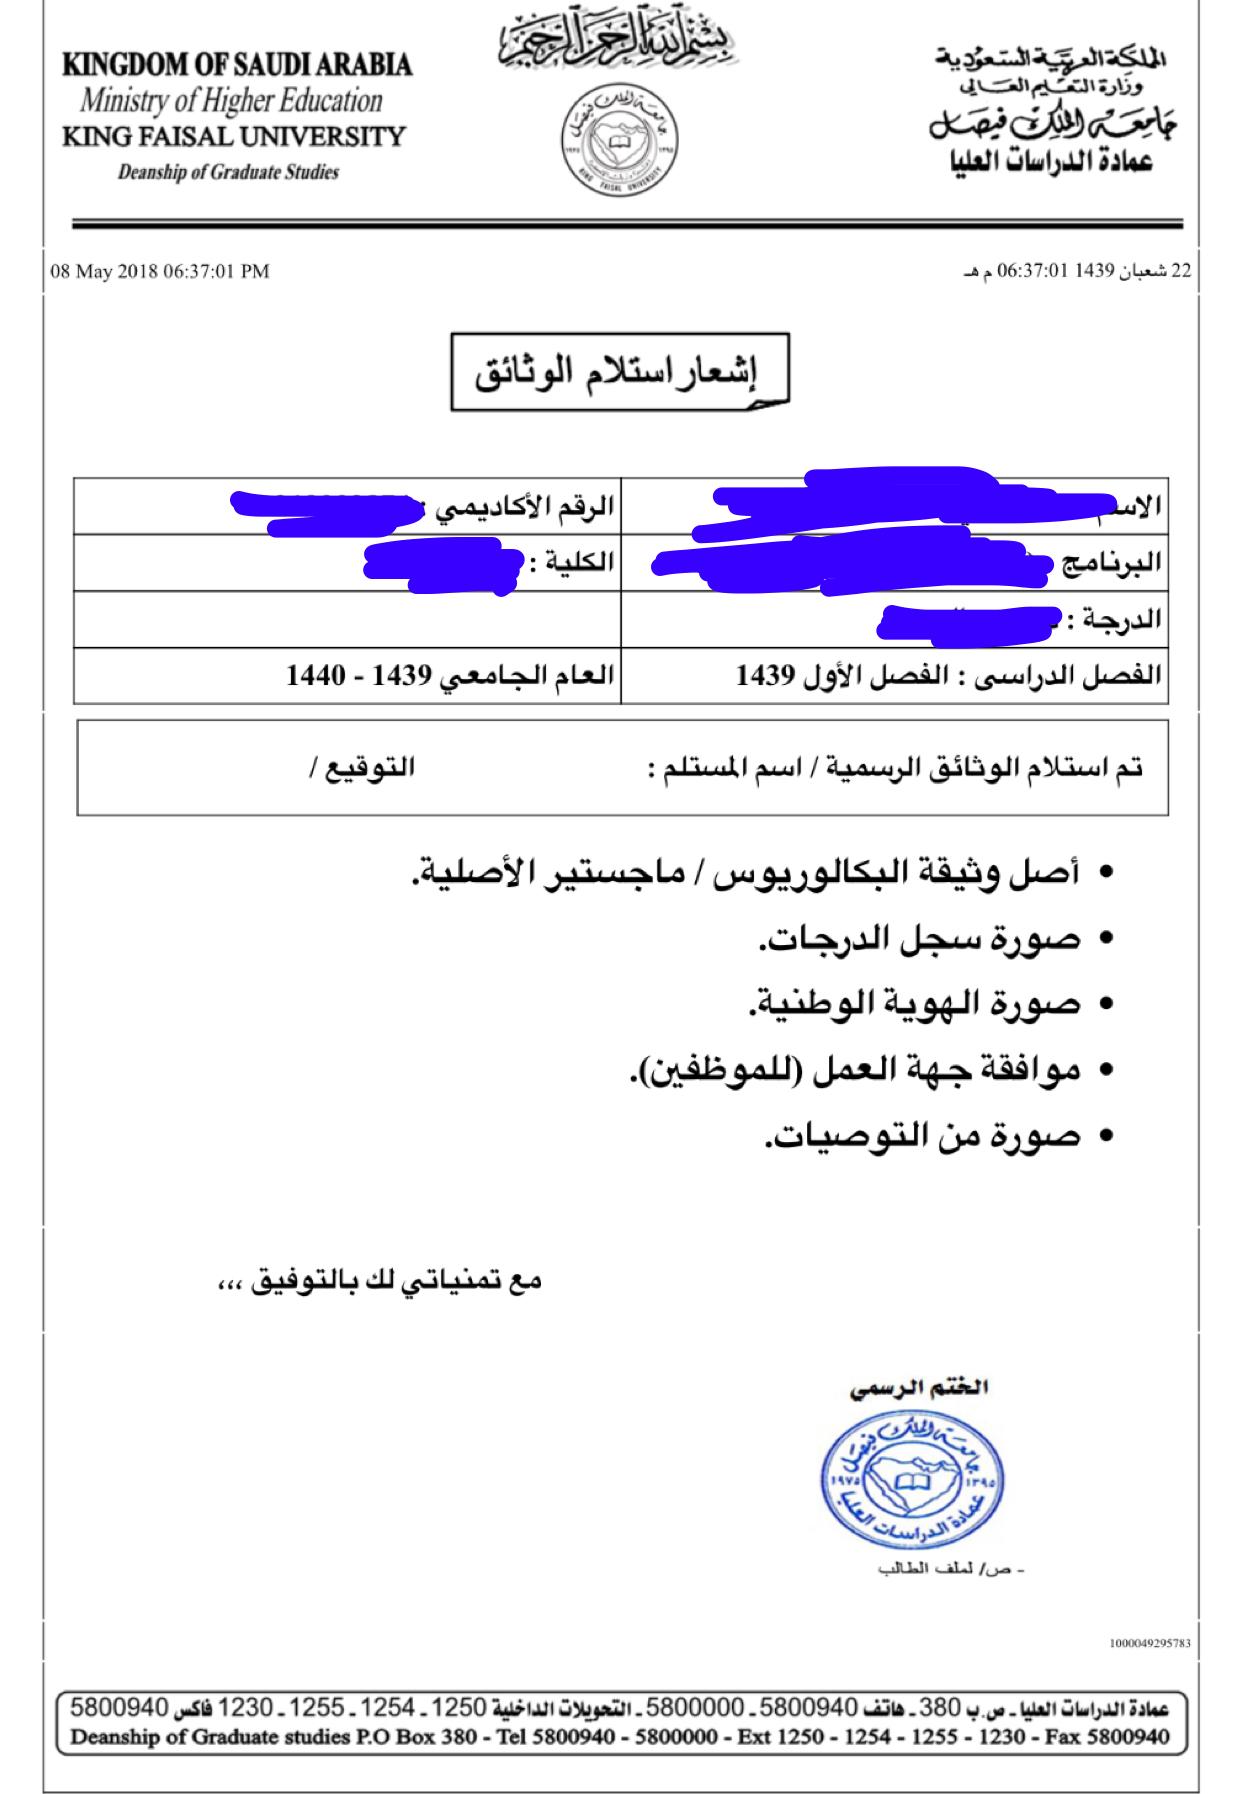 جامعة الملك فيصل تجميع كل ما يخص التعليم العالي جامعة الملك فيصل ملتقى طلاب وطالبات جامعة الملك فيصل جامعة الدمام